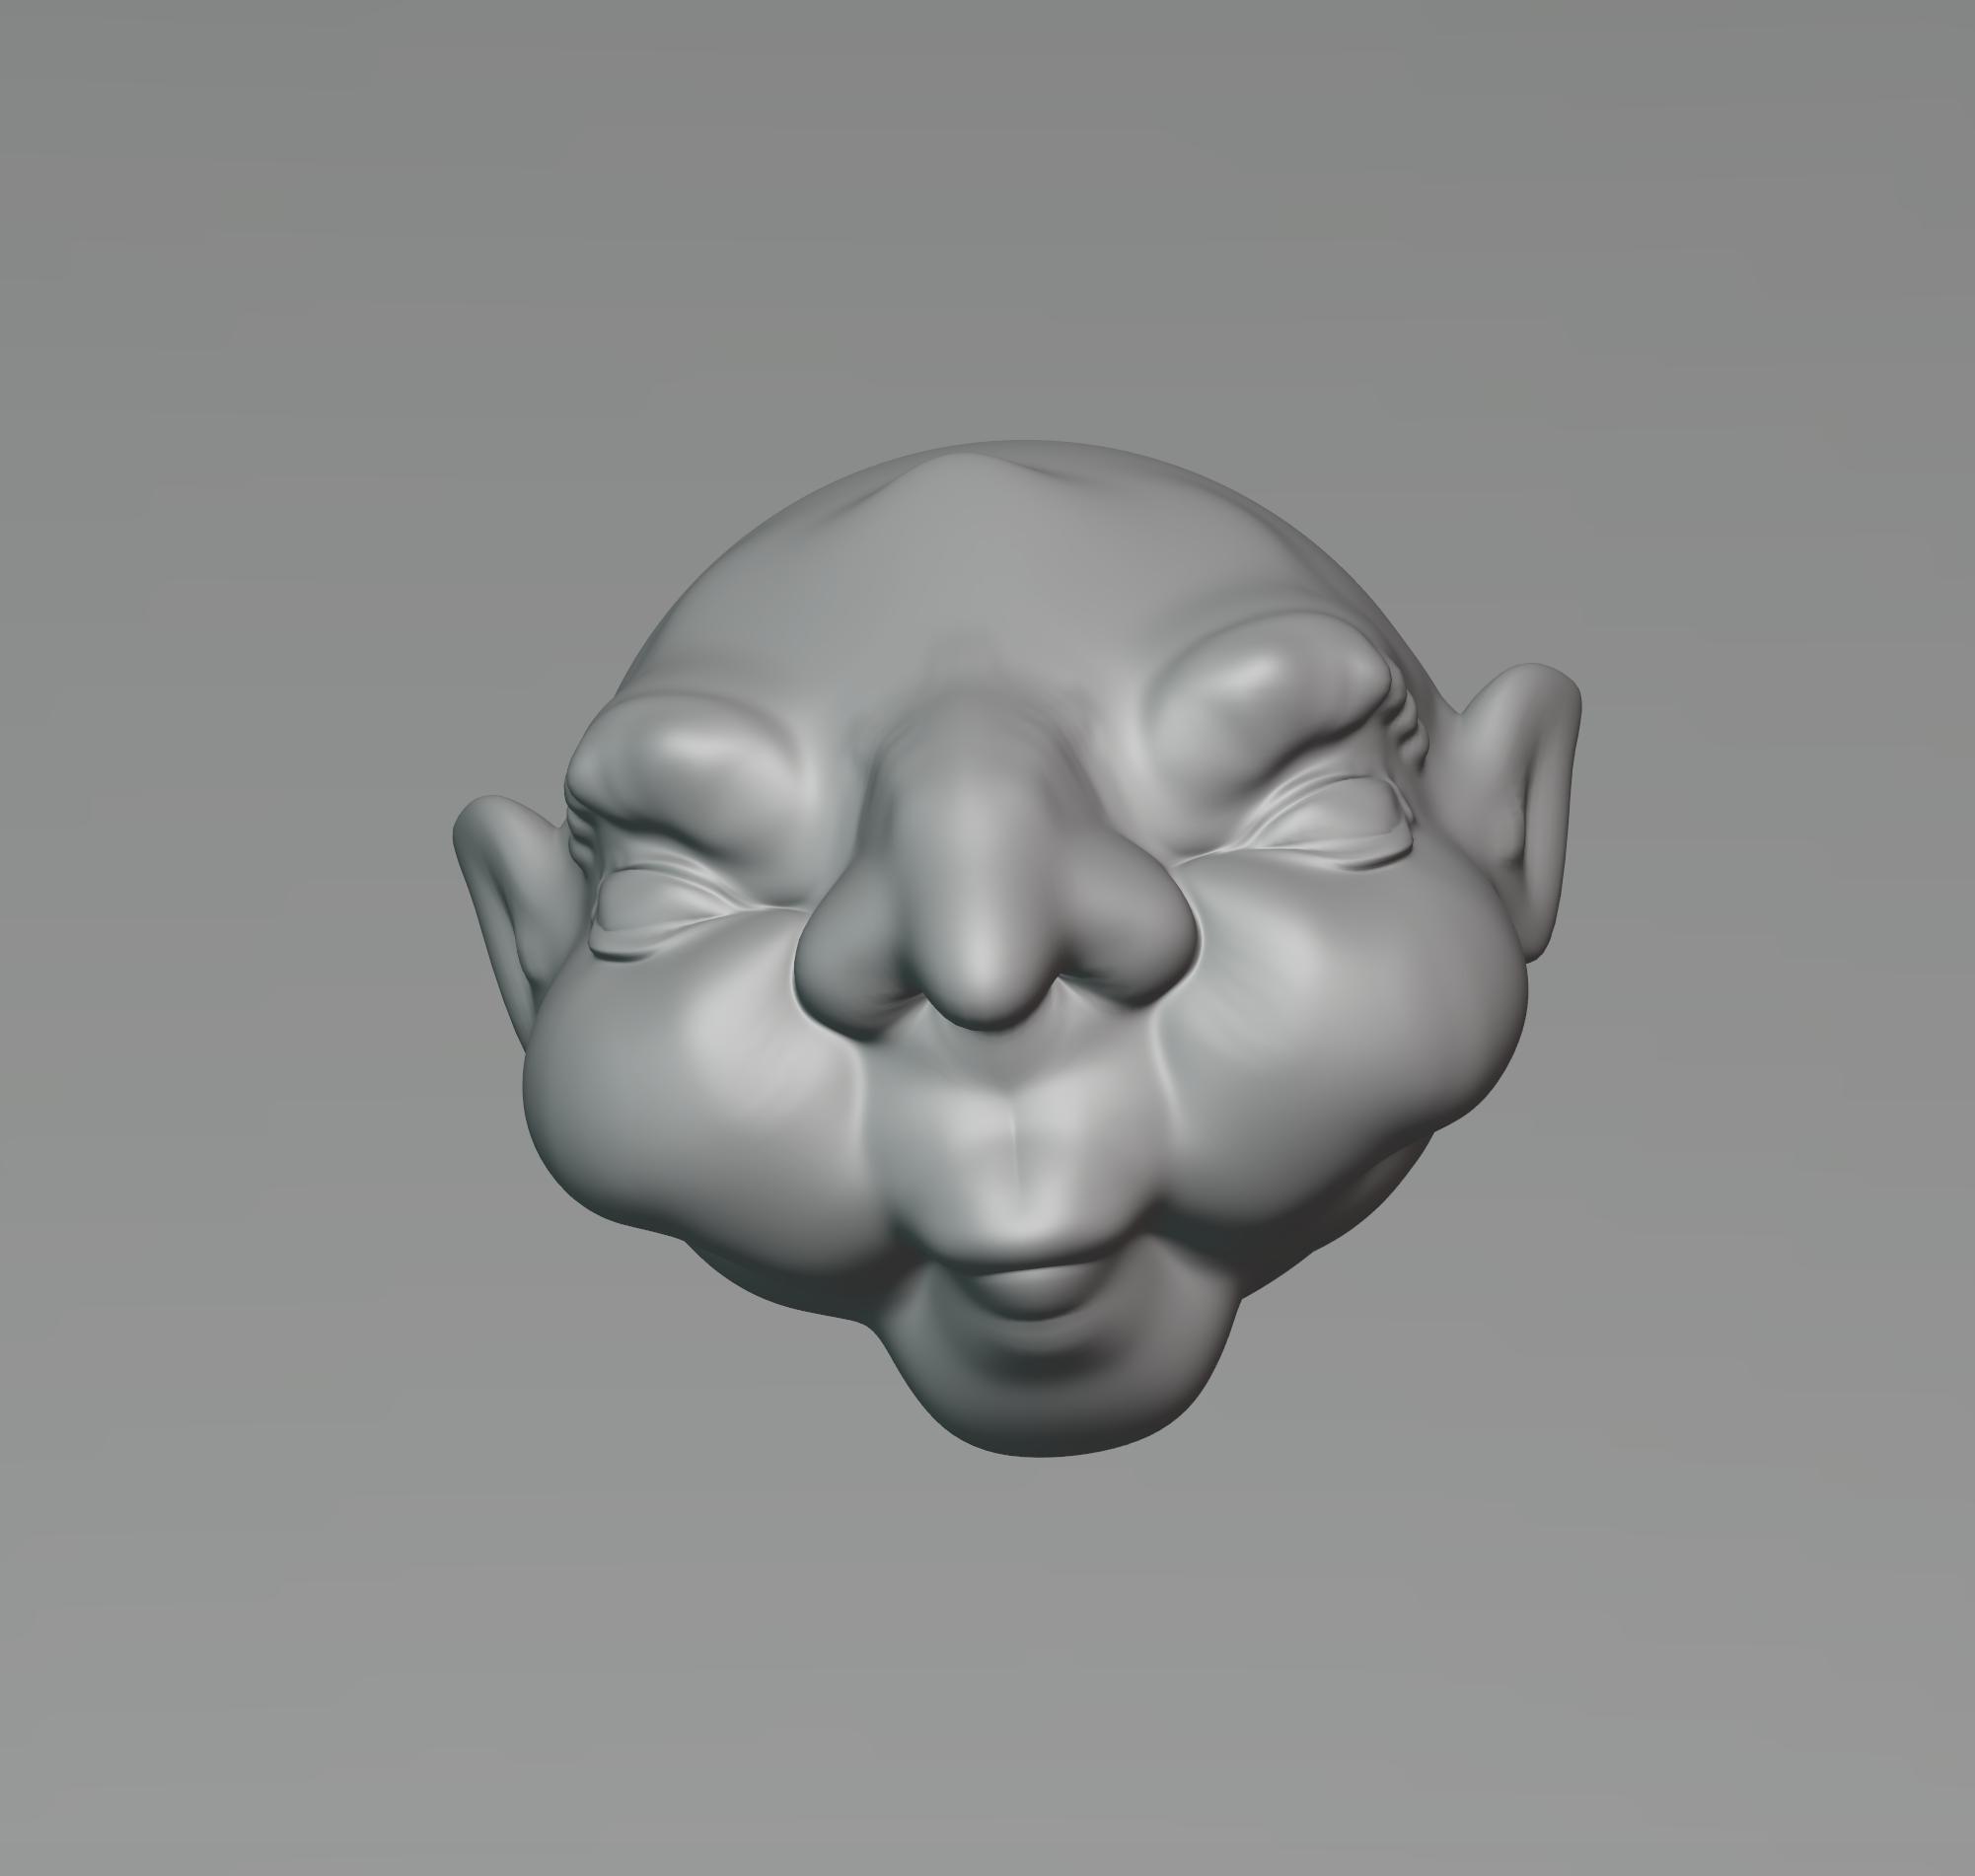 3D Character Sculpting